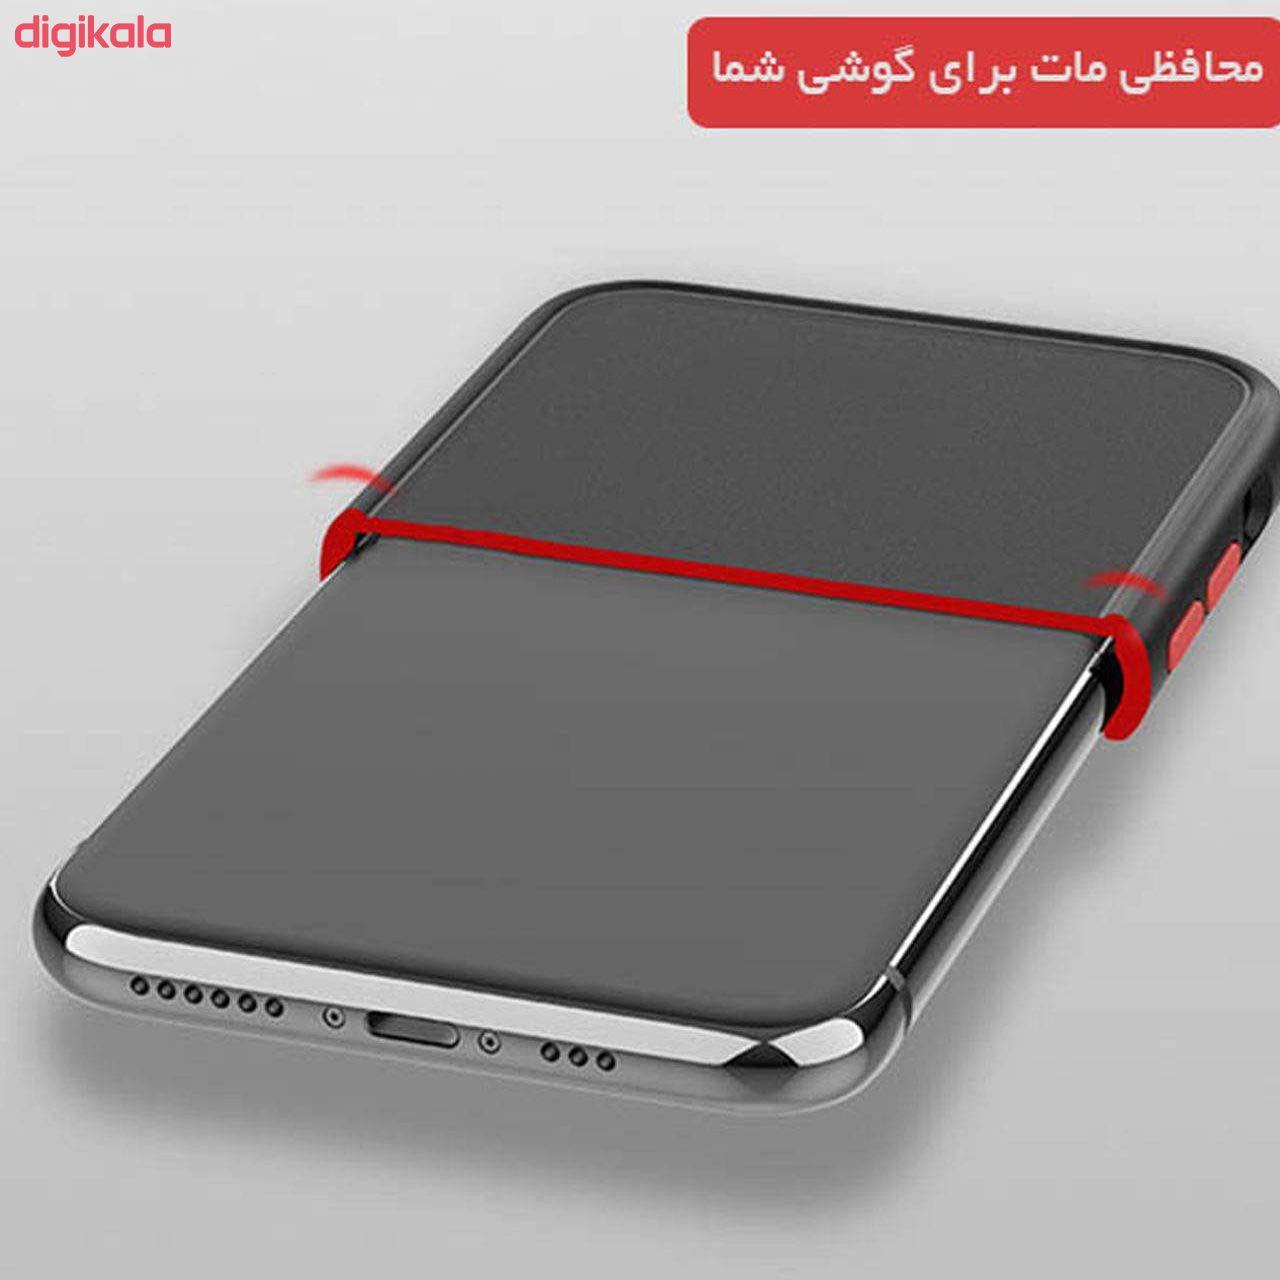 کاور کینگ پاور مدل M22 مناسب برای گوشی موبایل شیائومی Redmi Note 8 Pro main 1 11